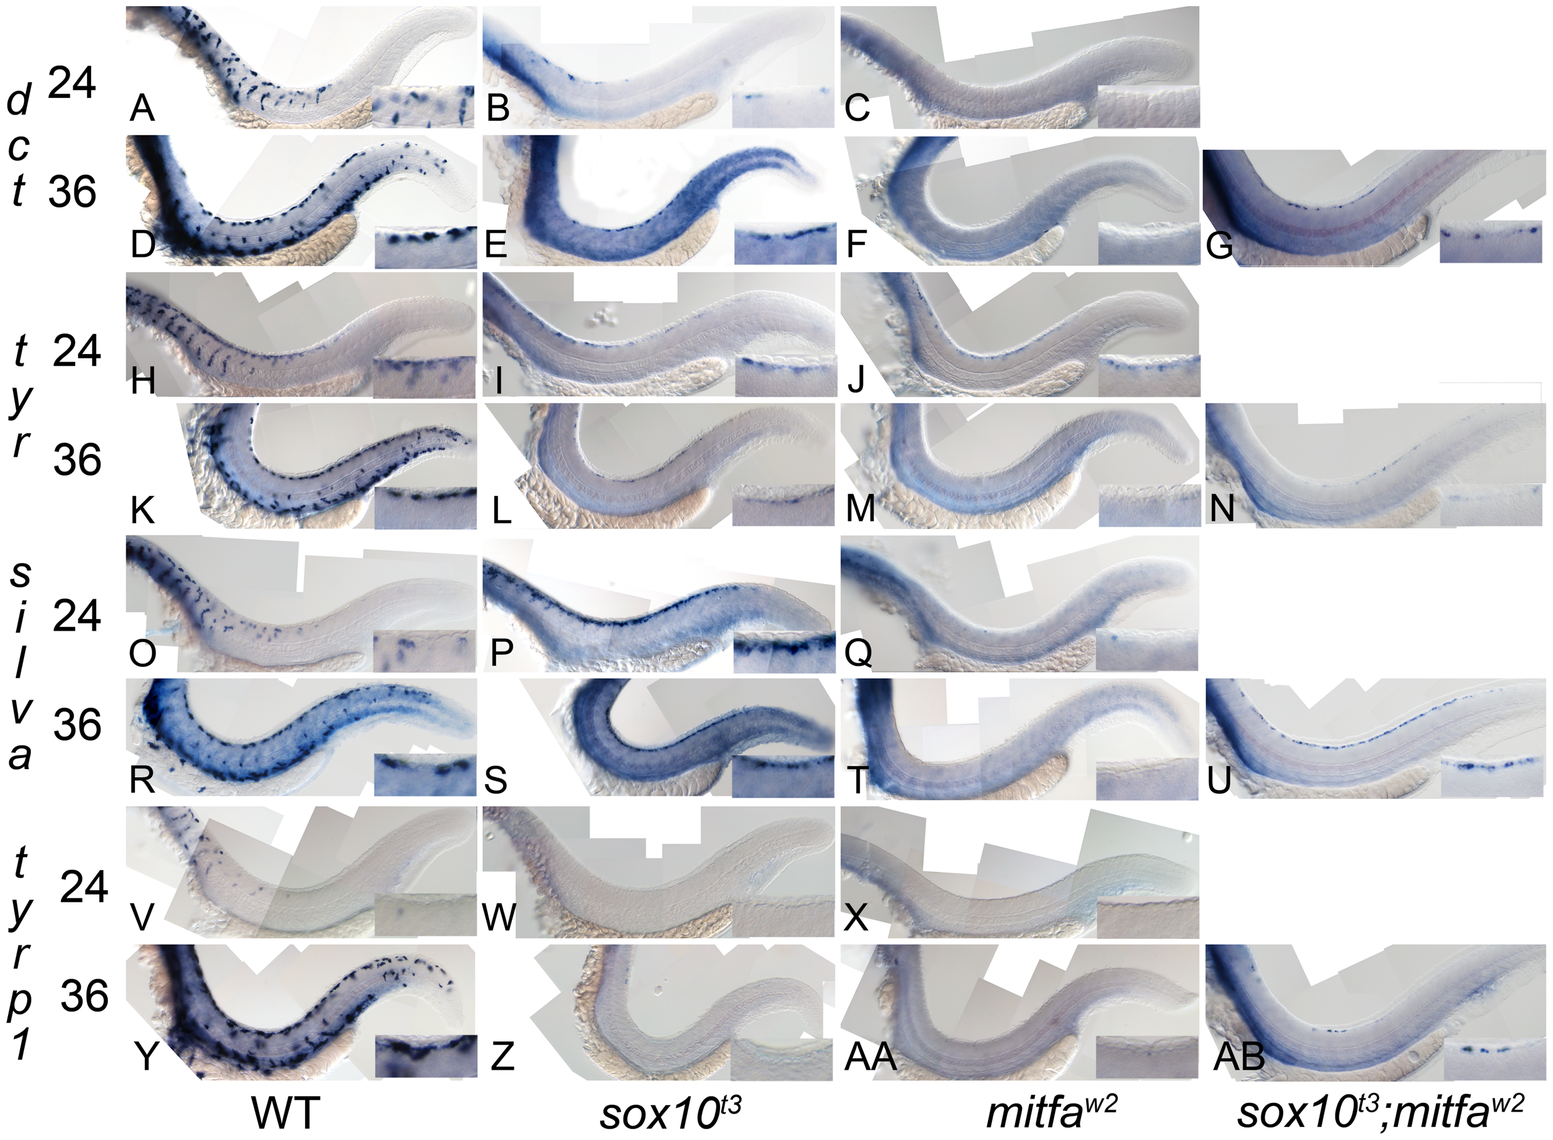 Residual melanocyte marker expression in <i>sox10</i>, <i>mitfa</i>, and <i>sox10;mitfa</i> mutants.